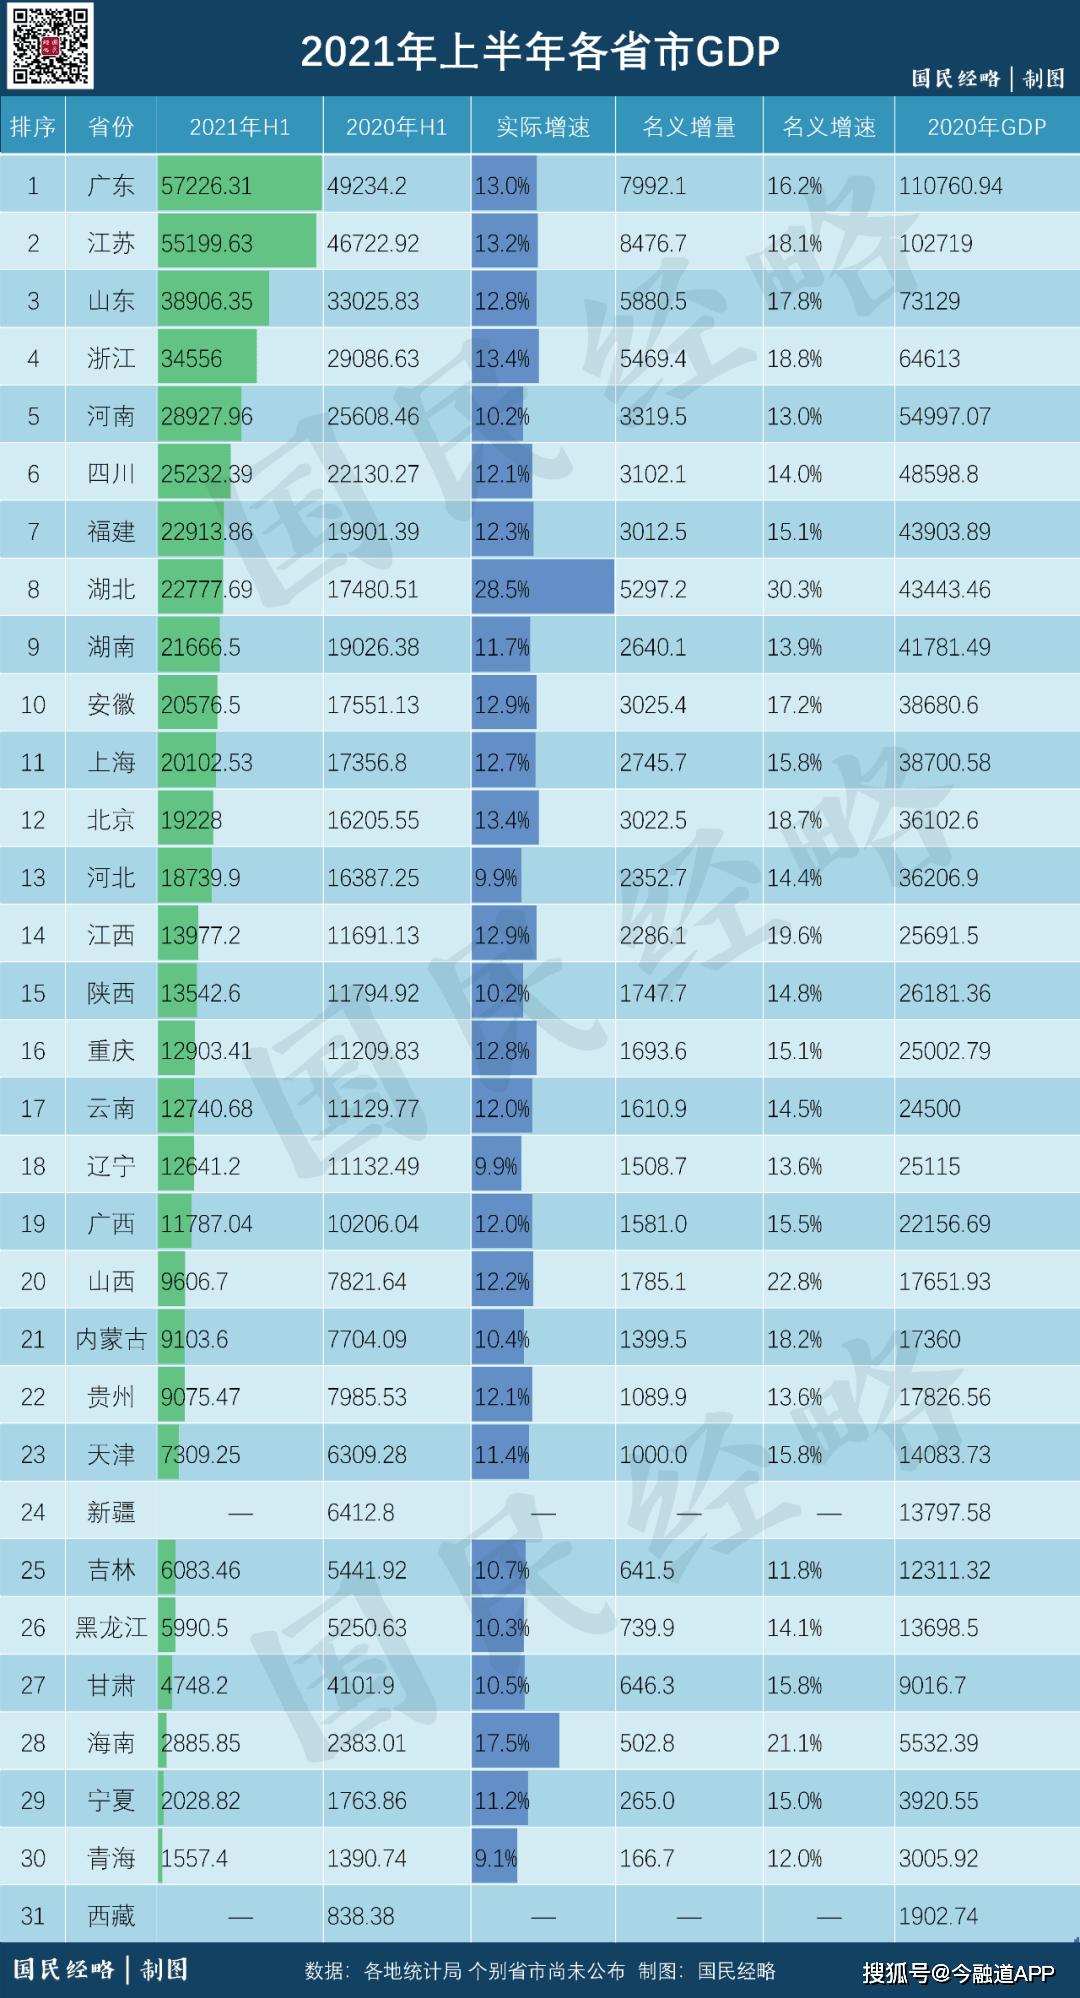 2021全国gdp各城市增量_2021年上半年陕西省各市GDP排名,西安增速降低